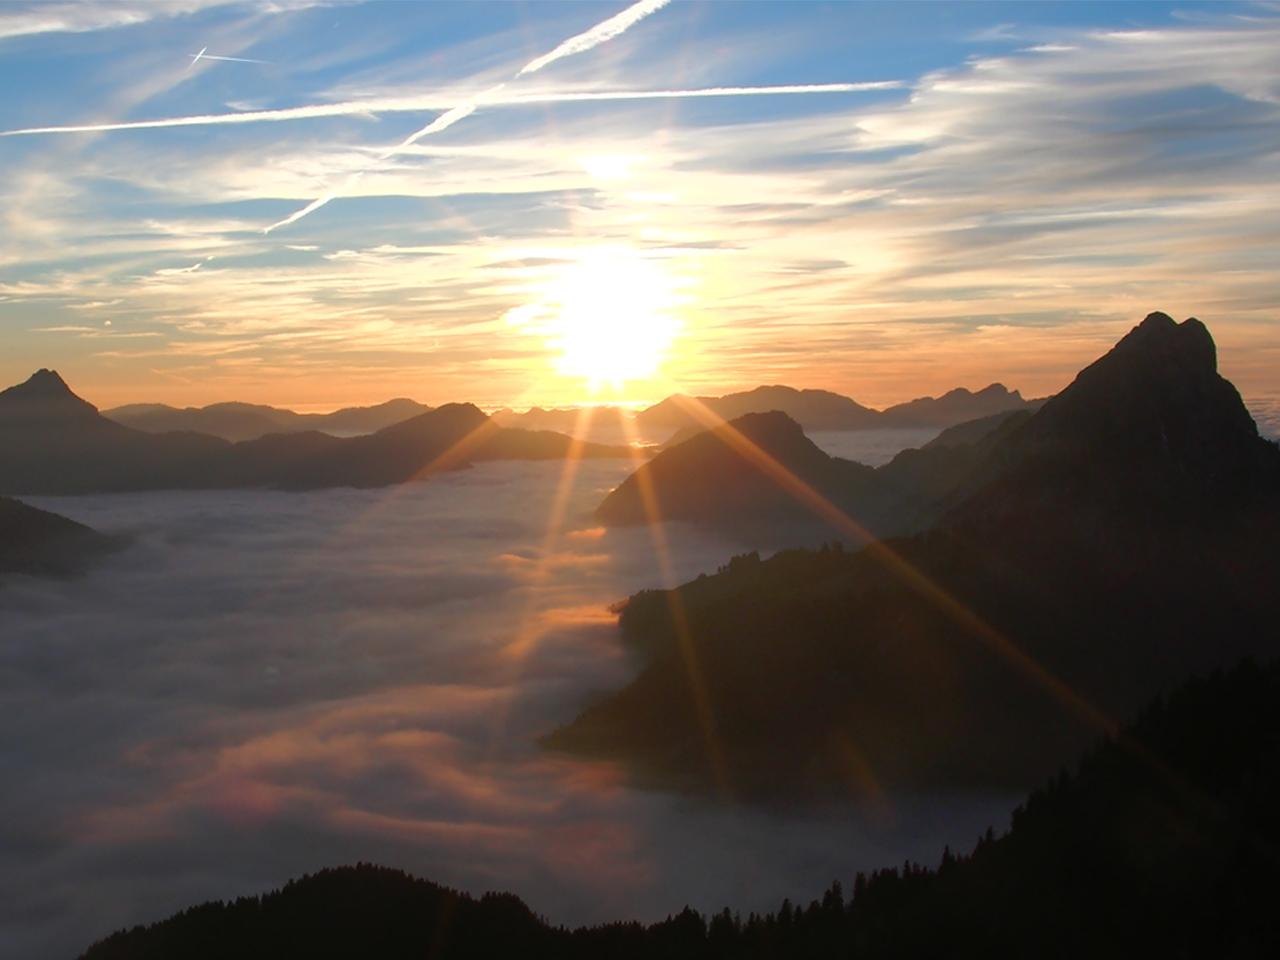 Omgeving - Ondergaande zon boven wolken